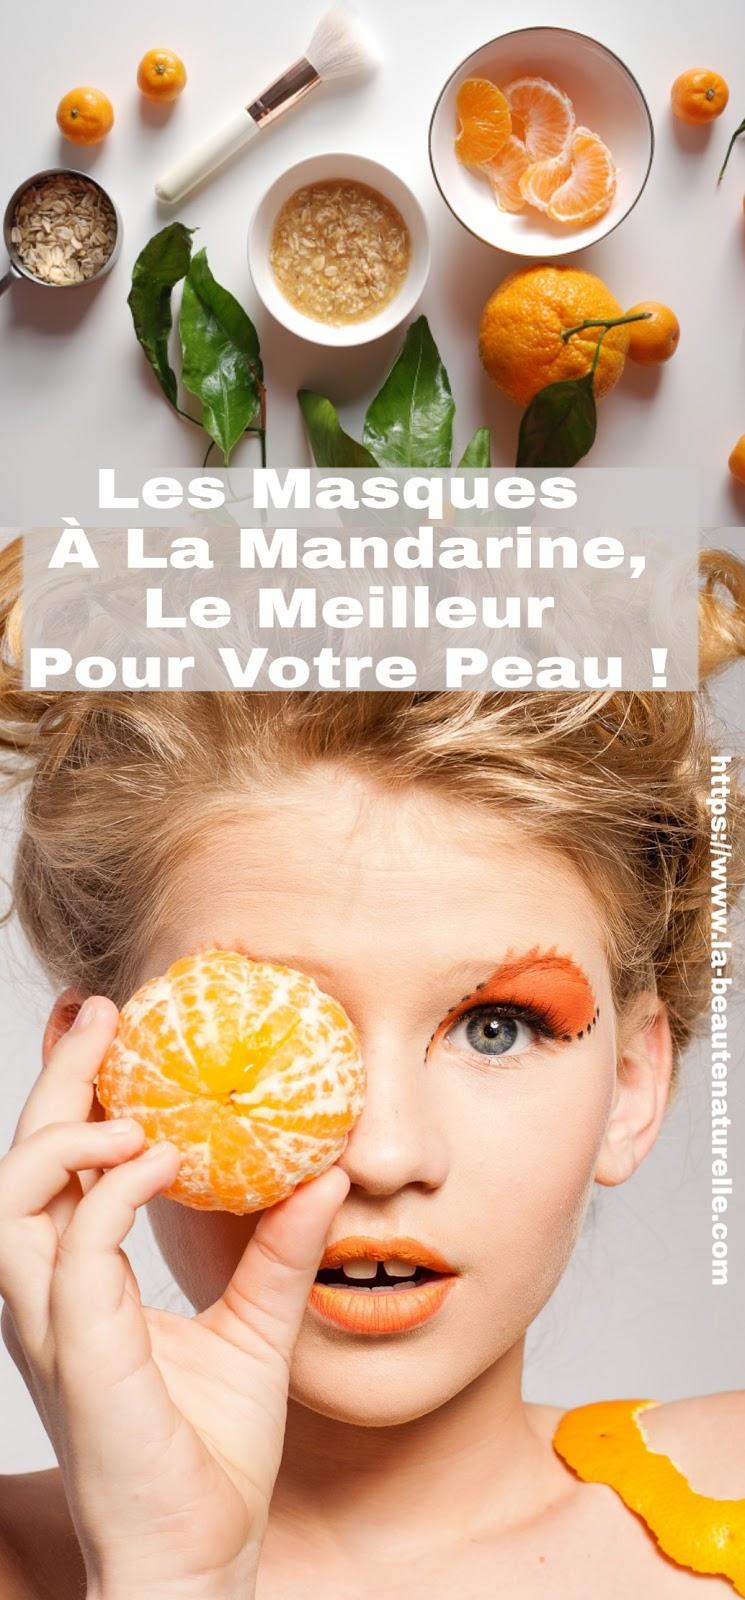 Les Masques À La Mandarine, Le Meilleur Pour Votre Peau !